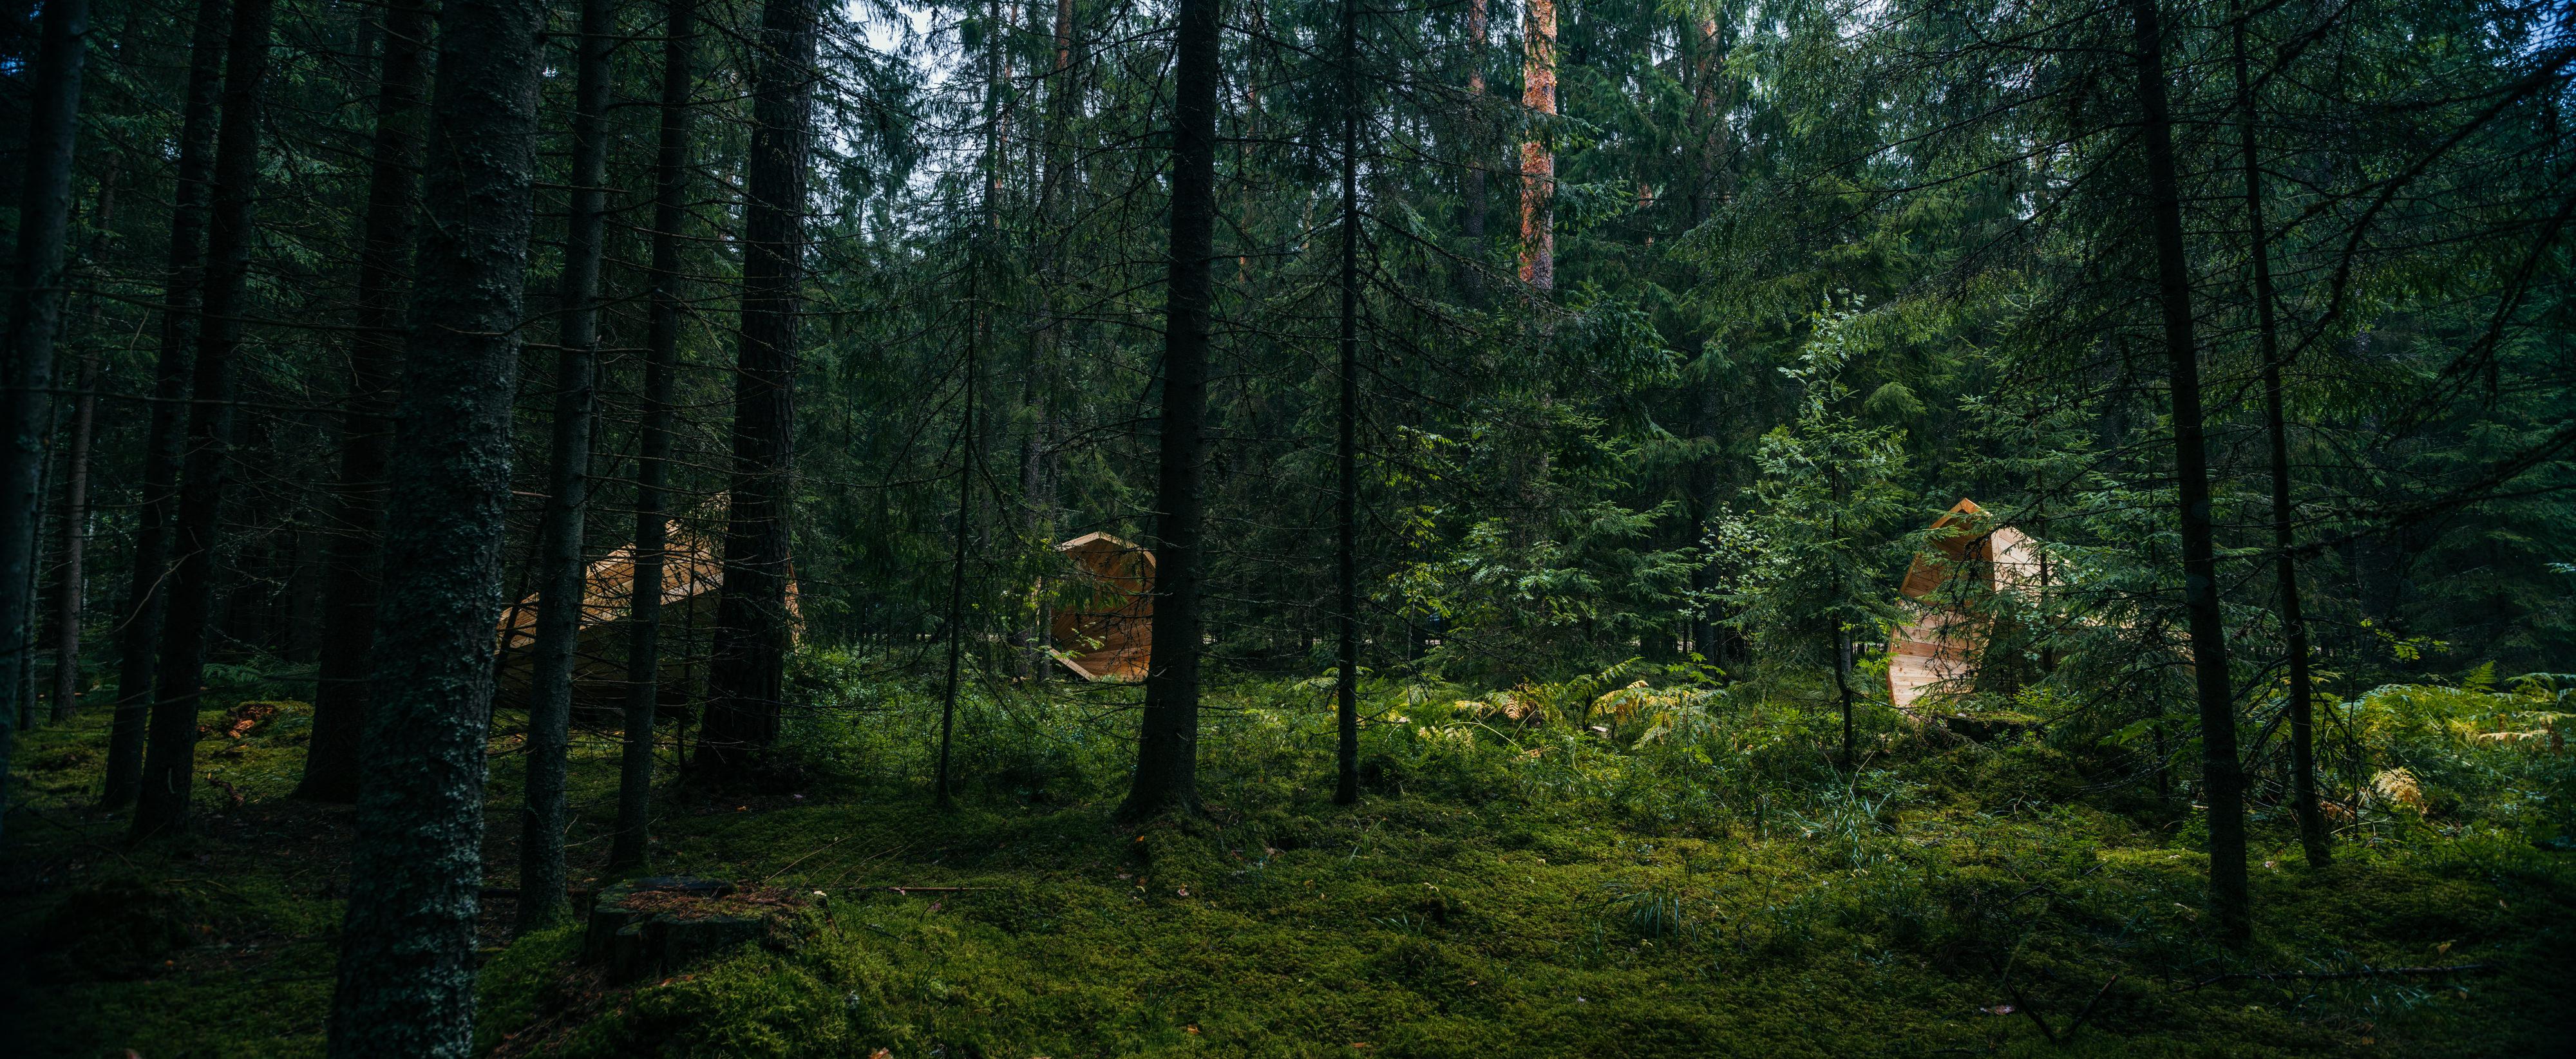 Um die Natur zu hören, bauen sie Megafone aus Holz